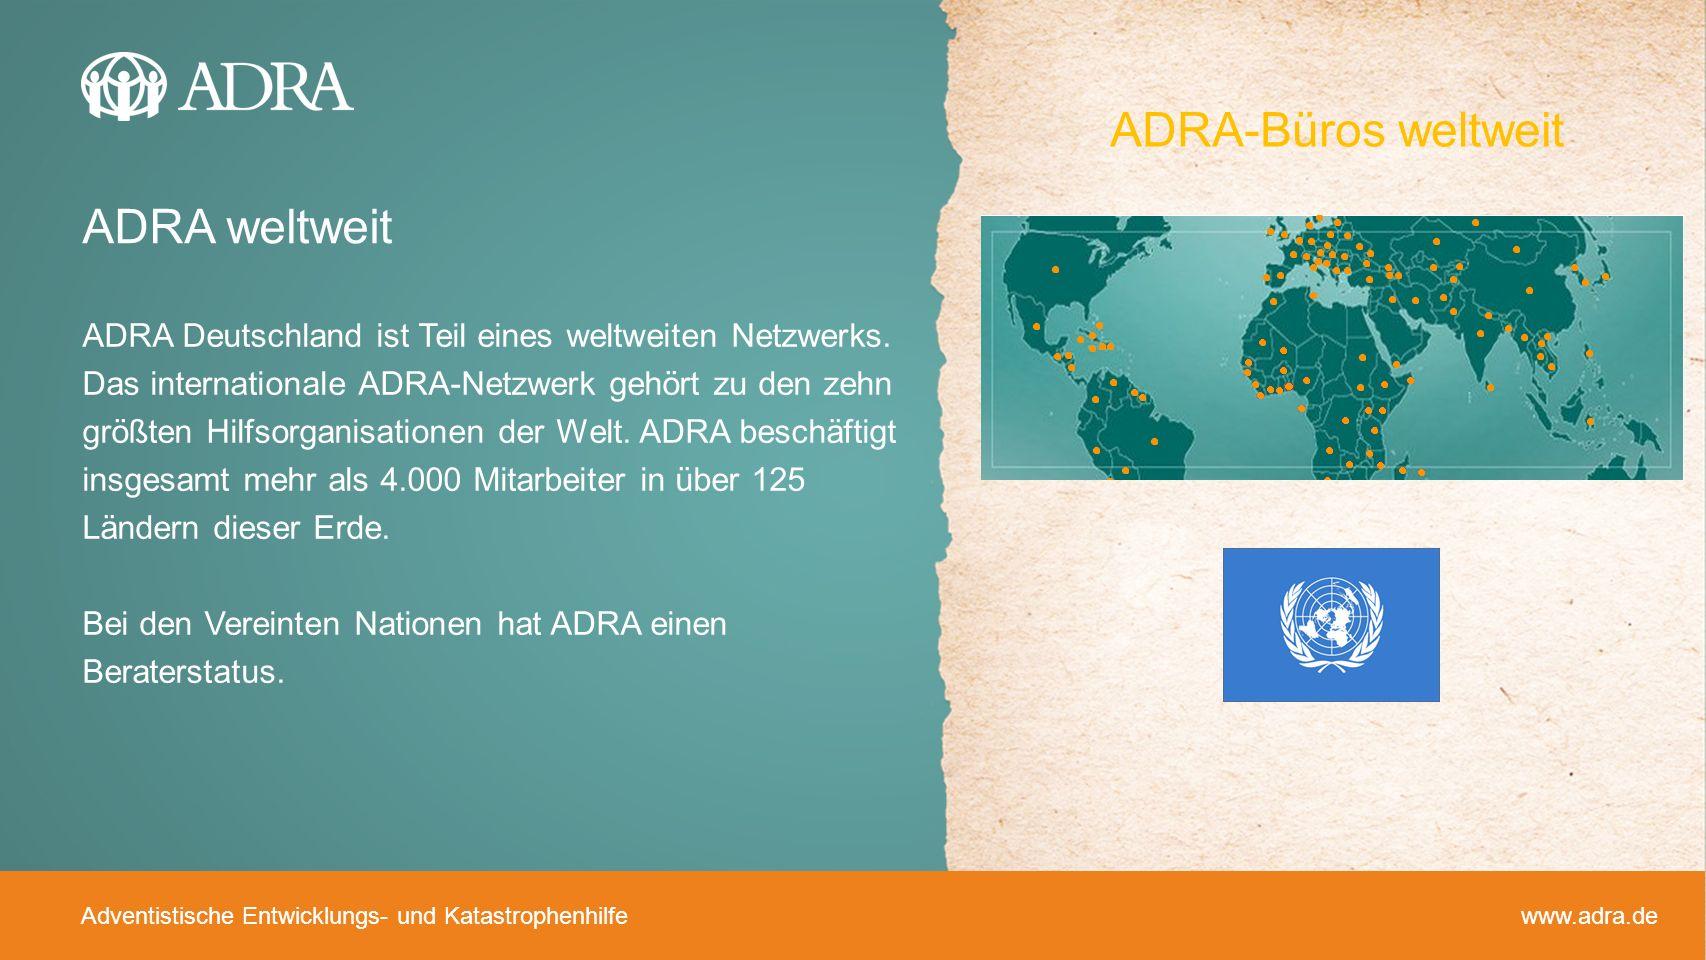 Adventistische Entwicklungs- und Katastrophenhilfe www.adra.de ADRA weltweit ADRA Deutschland ist Teil eines weltweiten Netzwerks. Das internationale